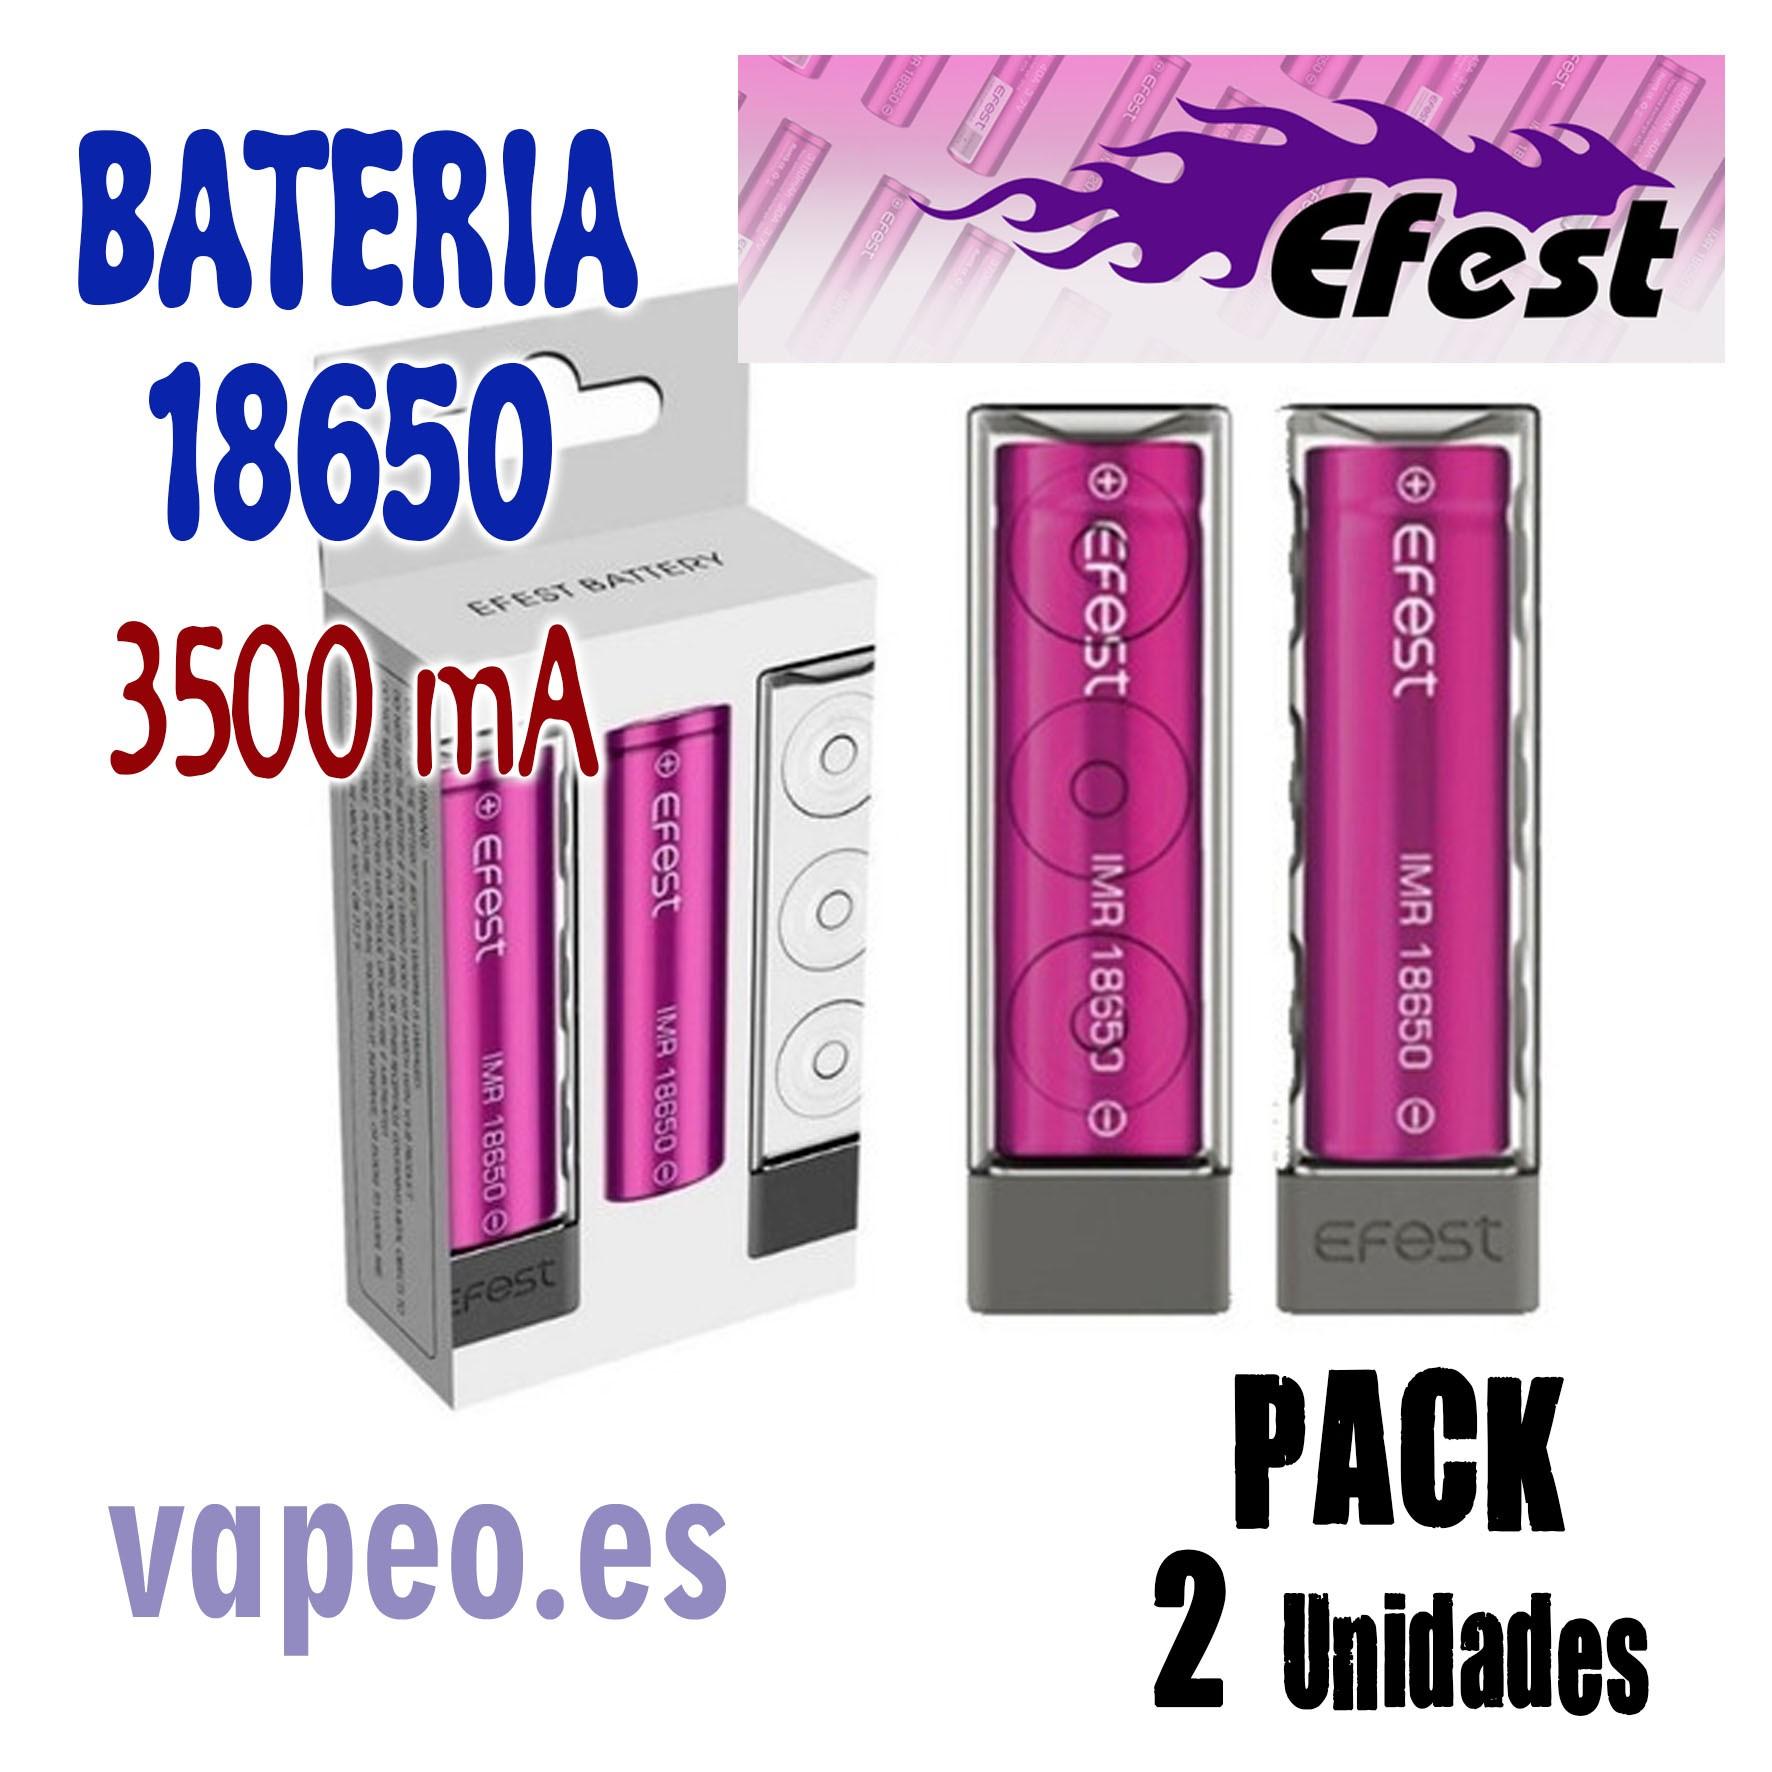 EFEST 18650 bateria 3500MA PACK